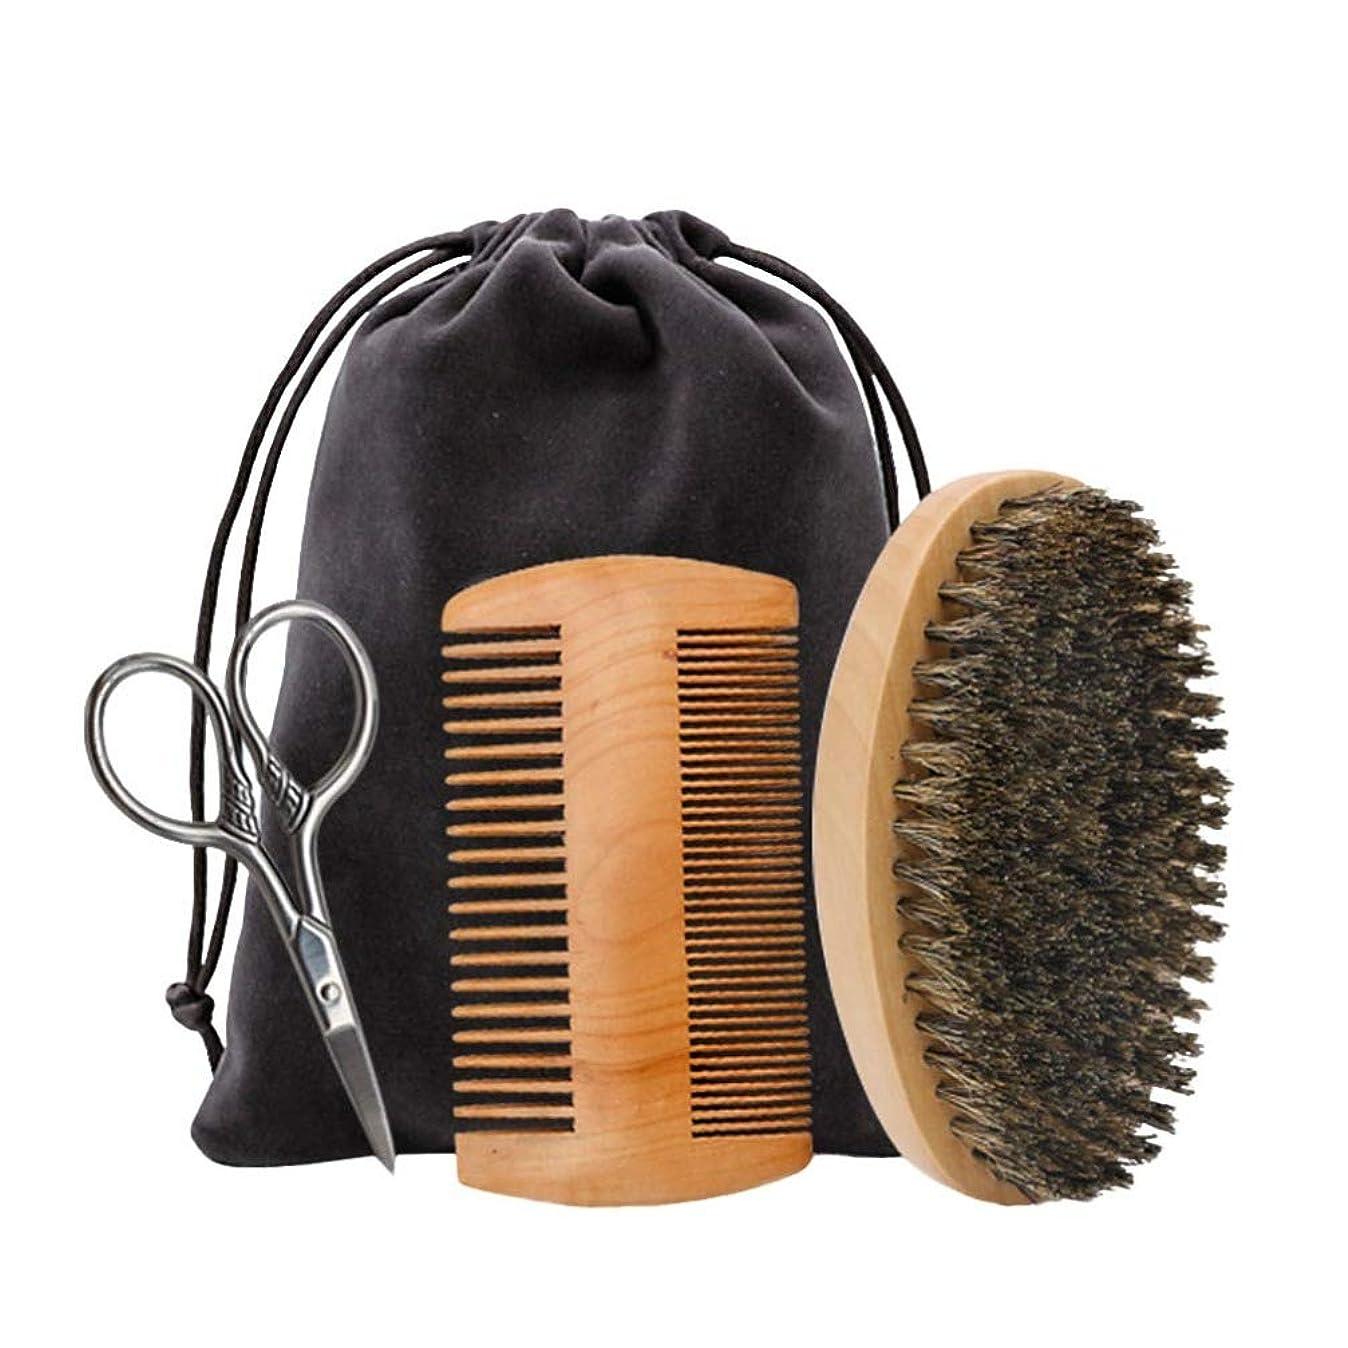 端末前提条件キャリアHealifty ひげのブラシの櫛のはさみのキットの剛毛のひげのブラシのギフトは男性の手入れをするために置きました